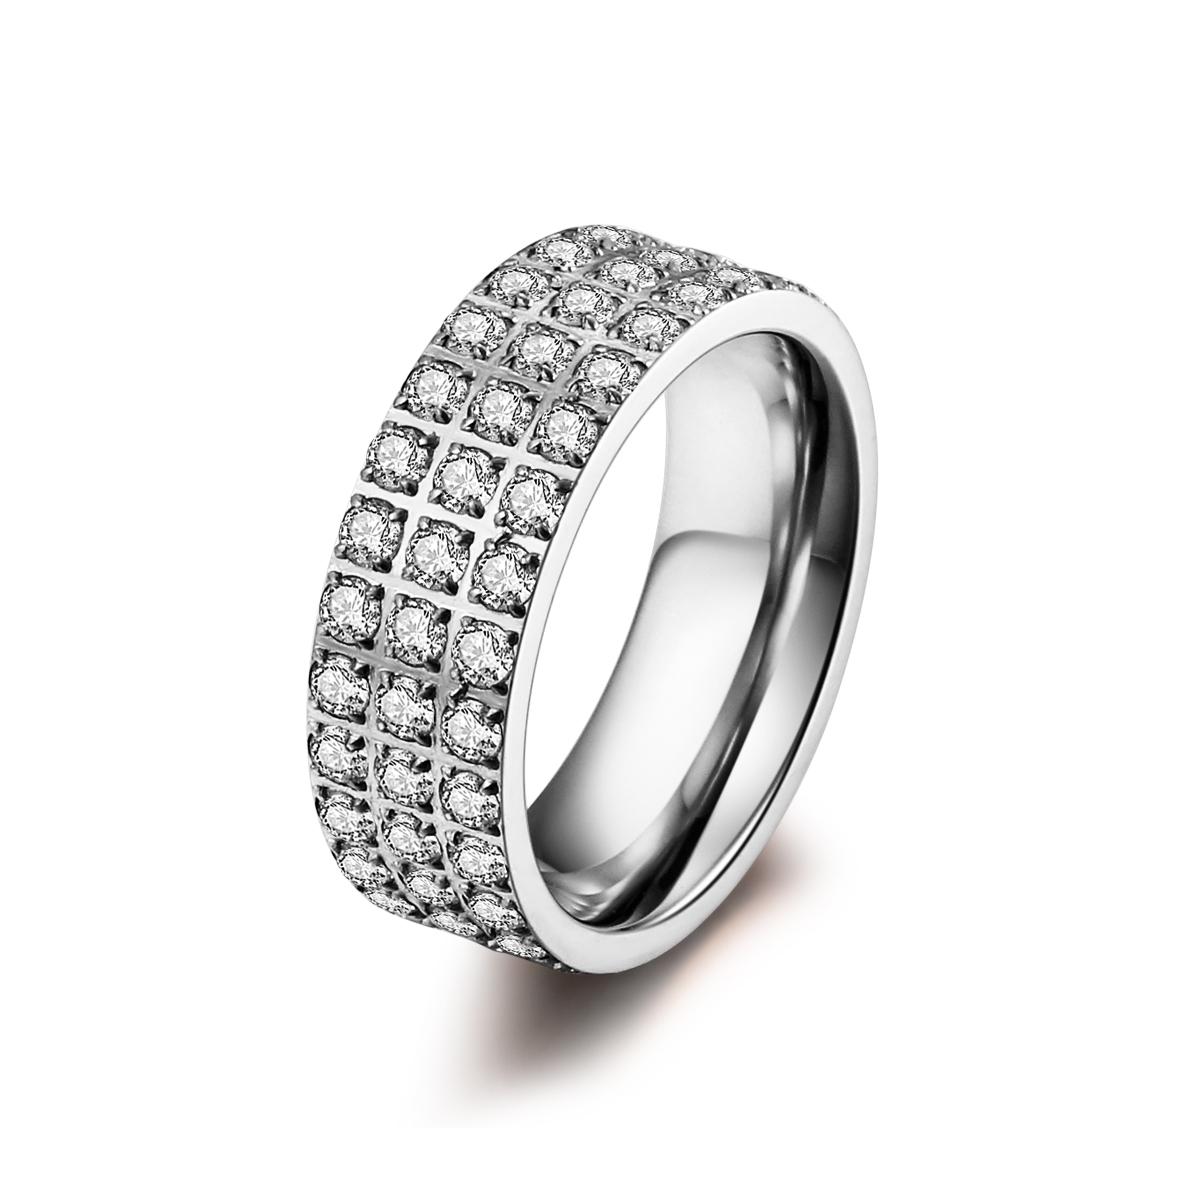 Stål ring med zirkonia - 1401133 størrelse 52 fra ice diamonds by kranz fra brodersen + kobborg